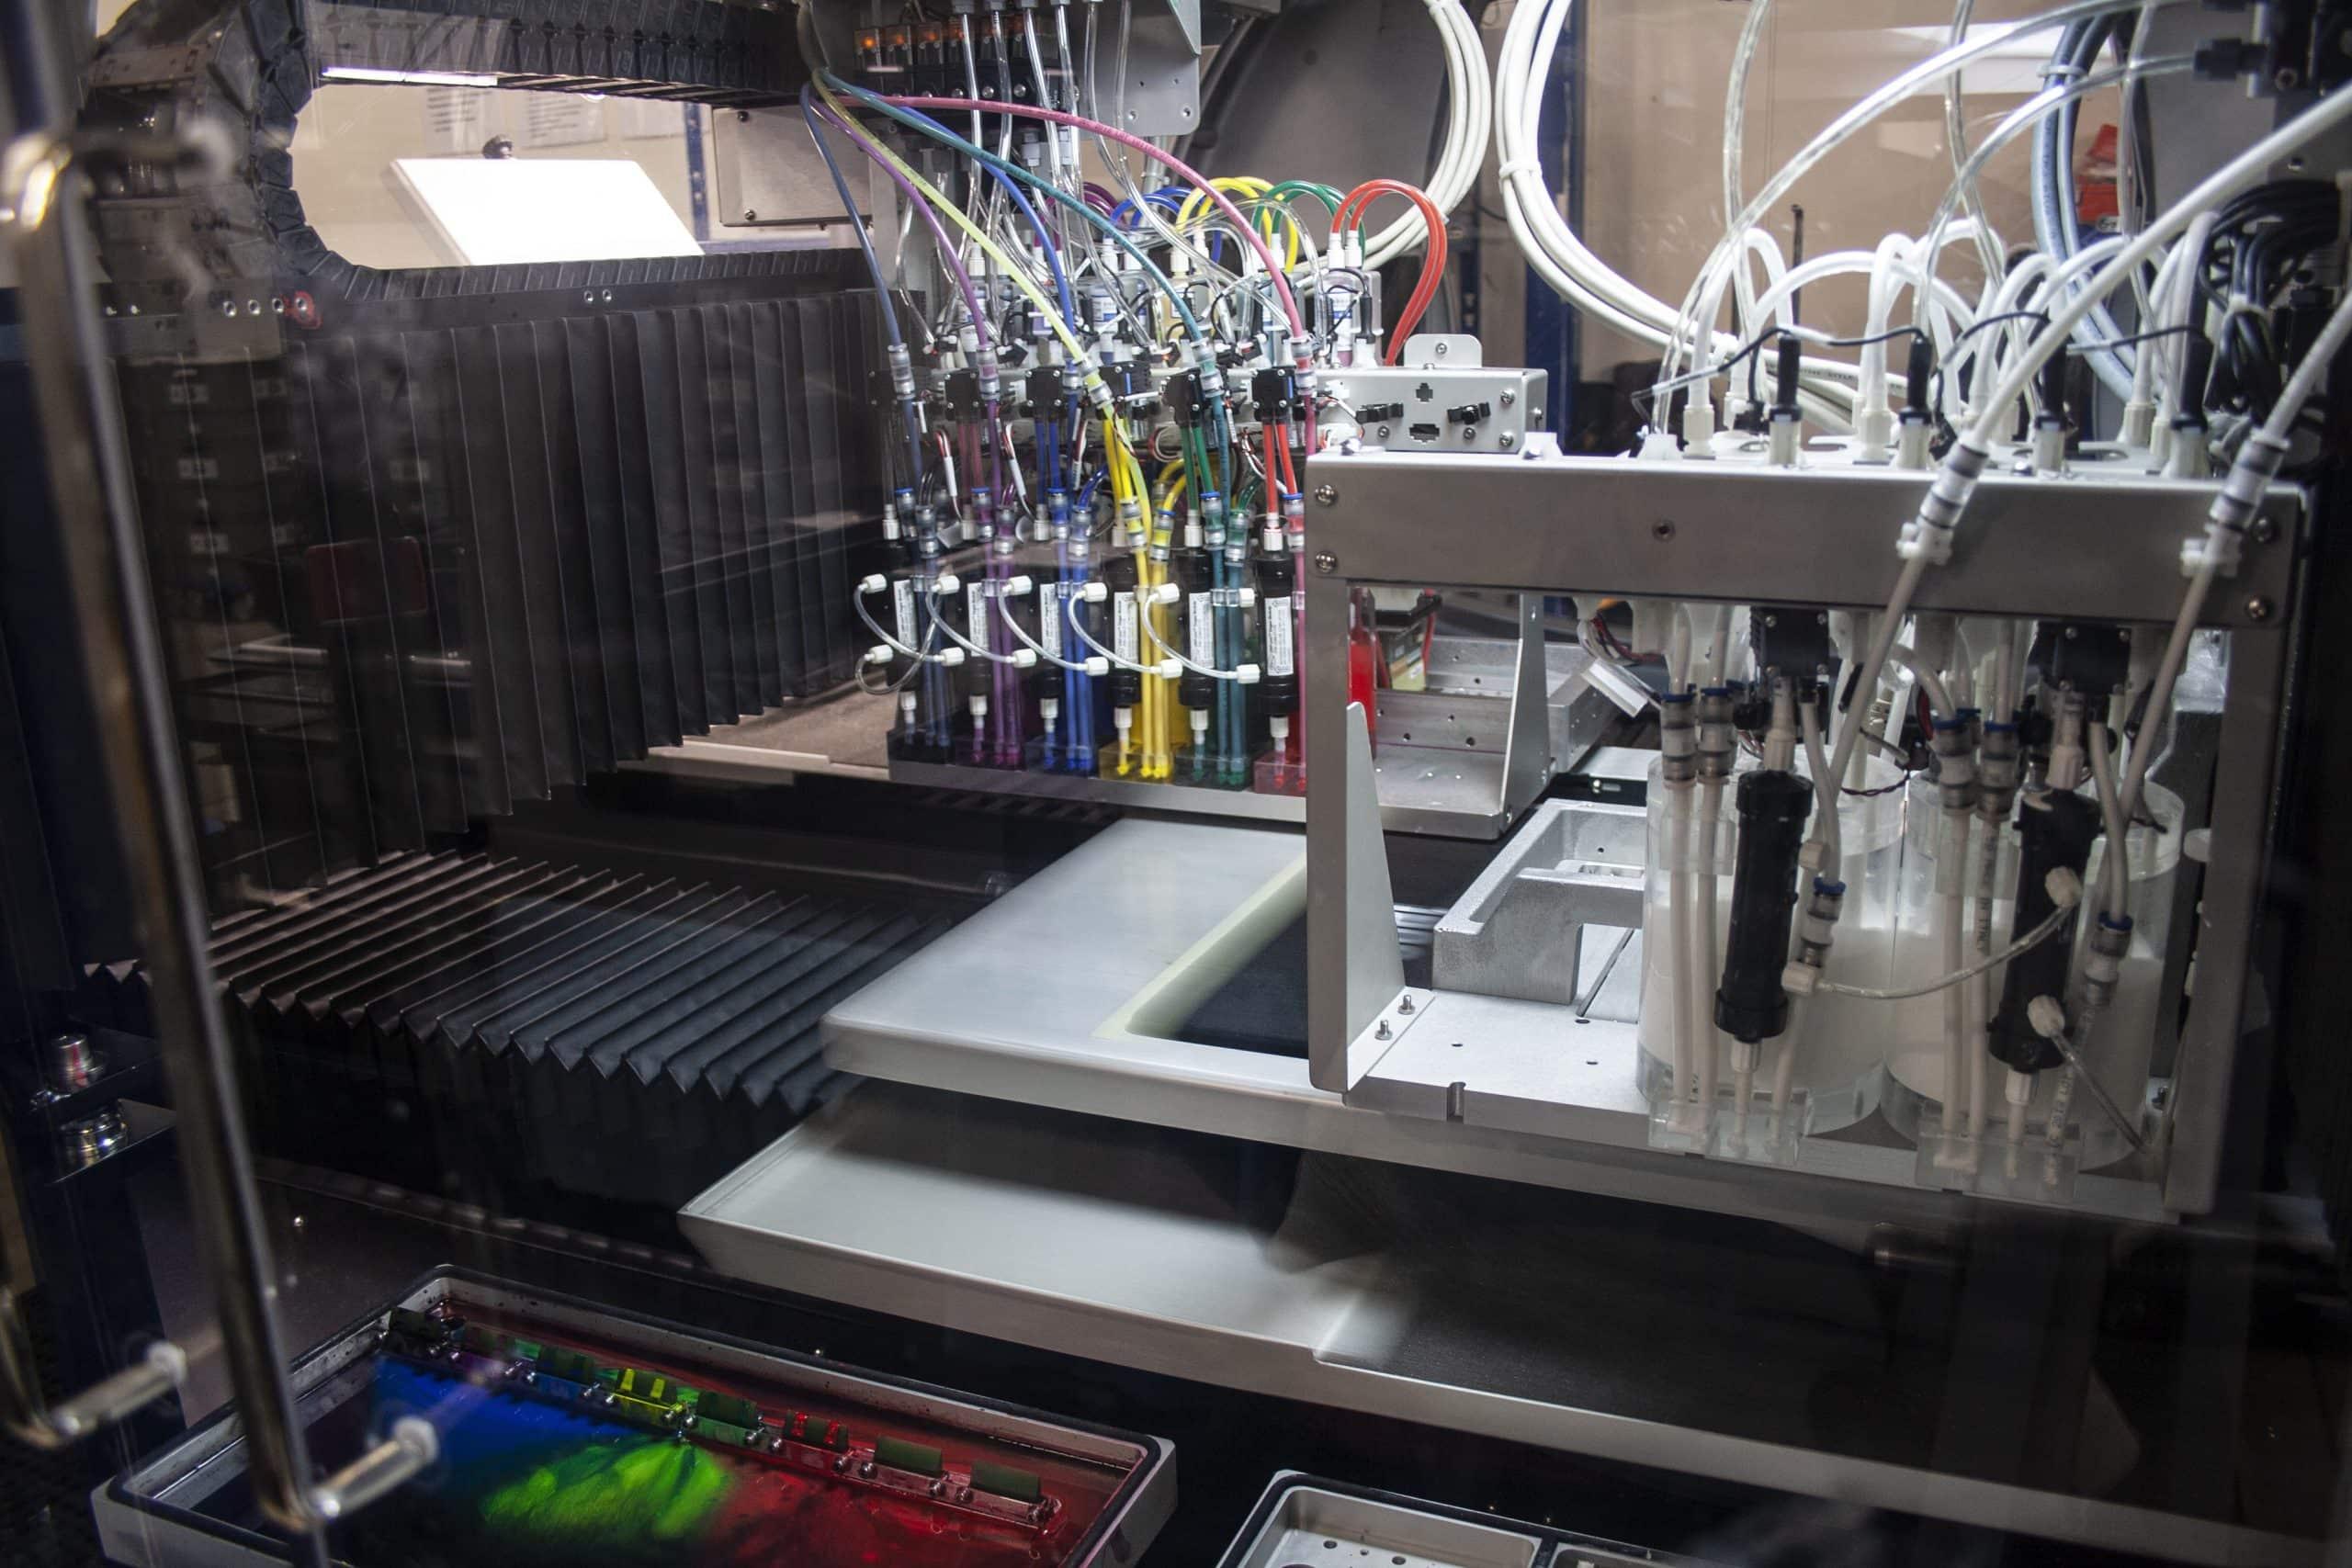 Innenleben einer DTG-Druckmaschine